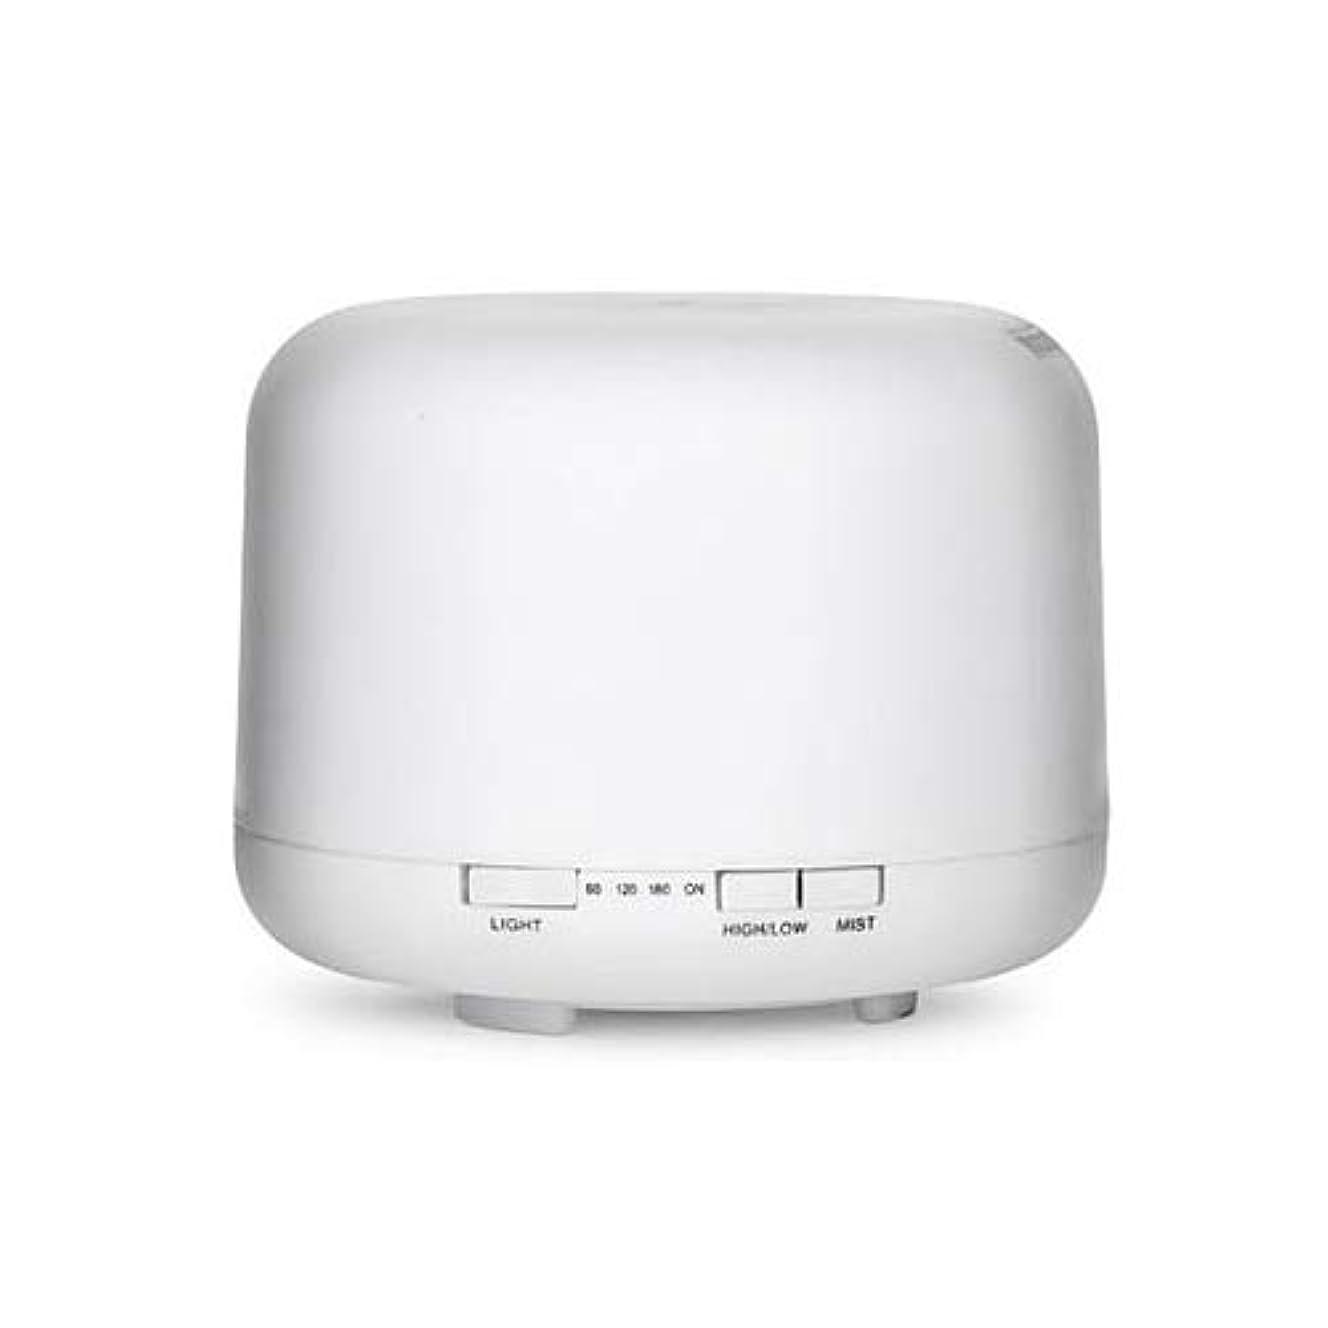 出会い対処する多様性WONDER LABO》超音波加湿器 ミスト アロマディフューザー 加湿器 気化式 乾燥対策 7色変換LED付き 卓上 オフィス 空焚き防止 静音 500ml